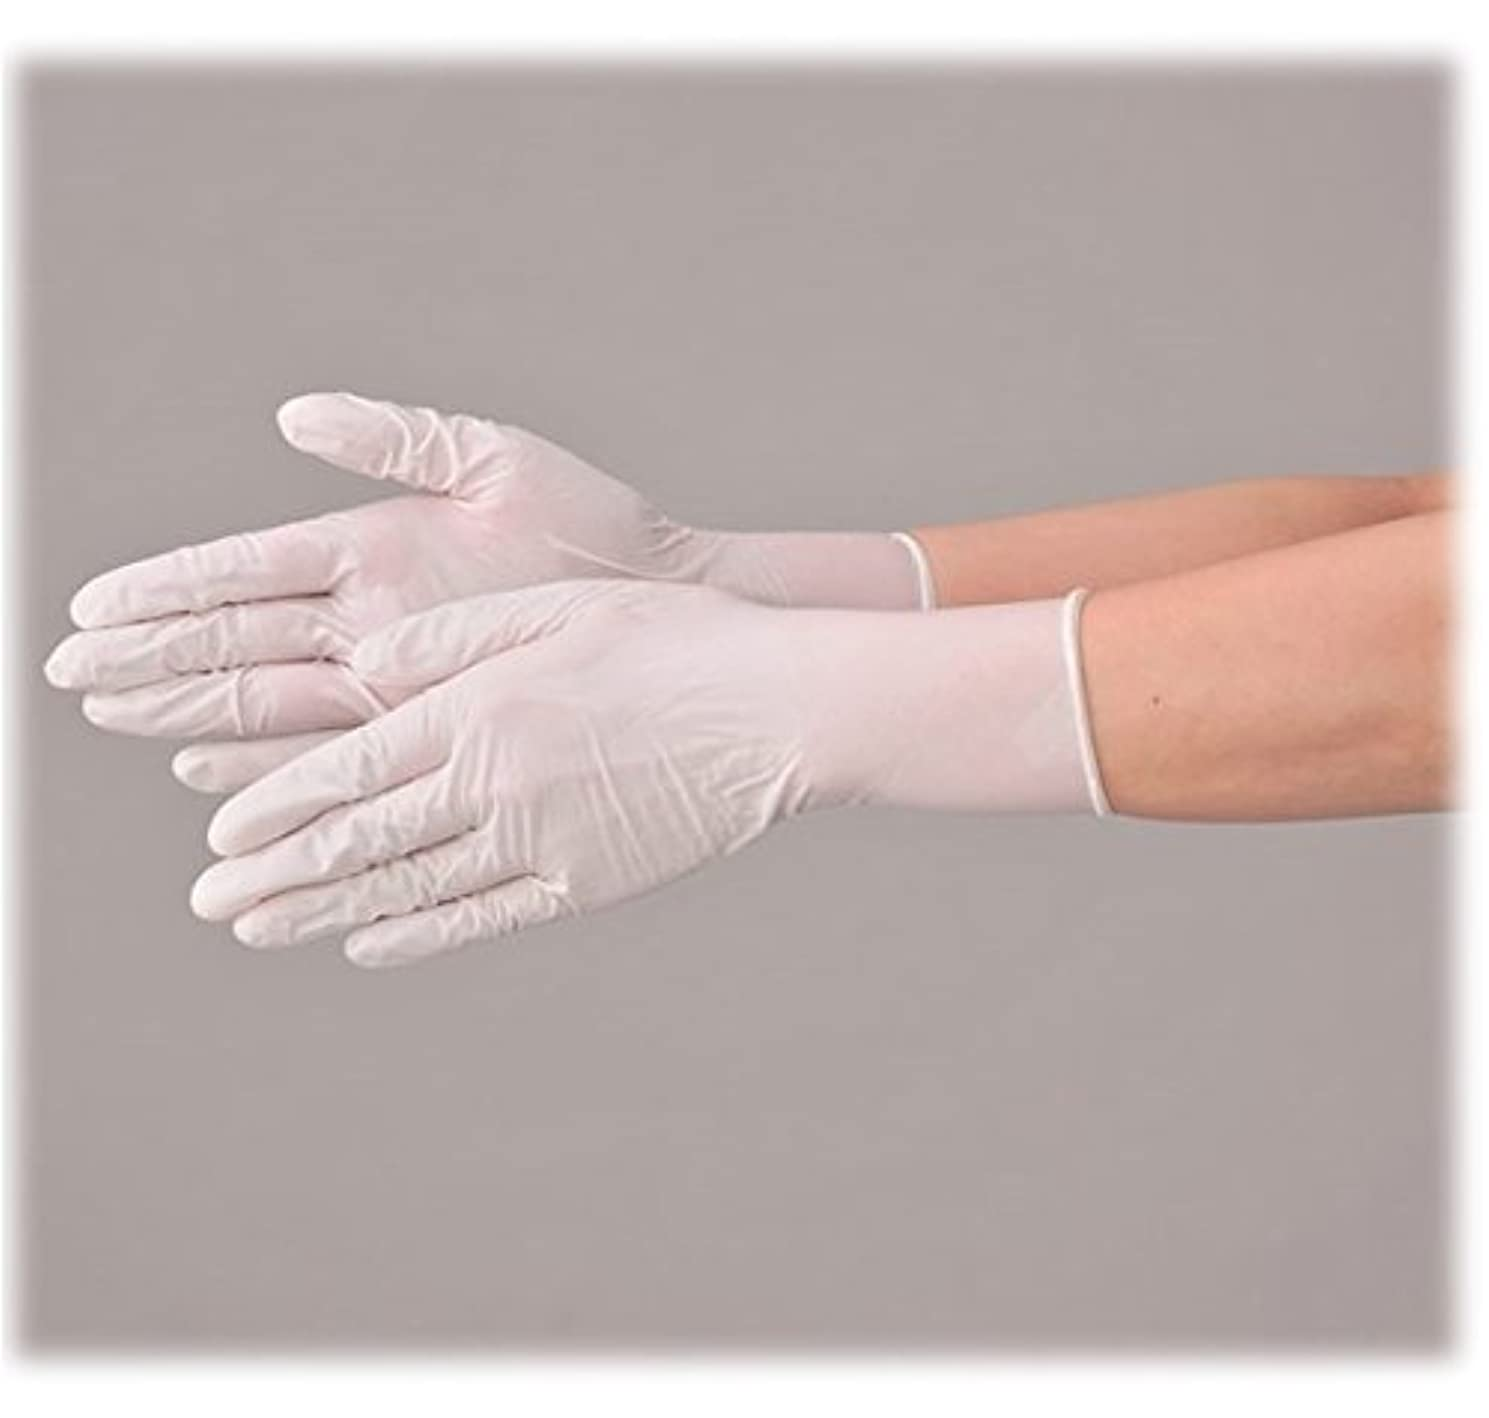 場所がんばり続ける合金使い捨て 手袋 エブノ 572 ニトリルNEOプラス ホワイト Mサイズ パウダー付き 2ケース(100枚×40箱)